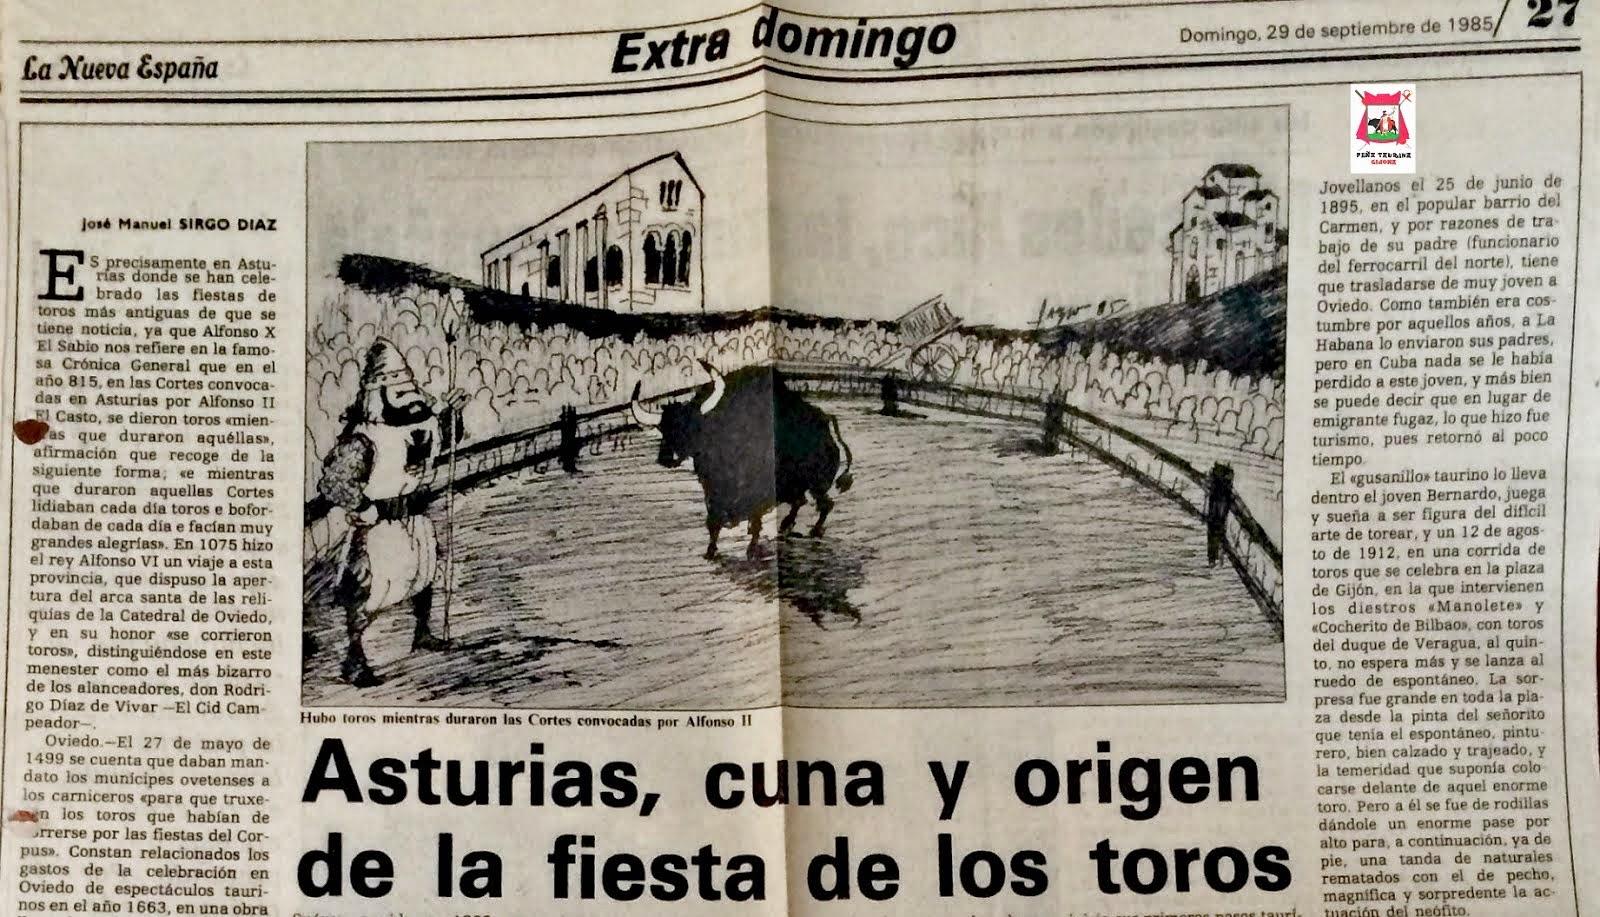 ASTURIAS CUNA Y ORIGEN DE LA FIESTA DE LOS TOROS